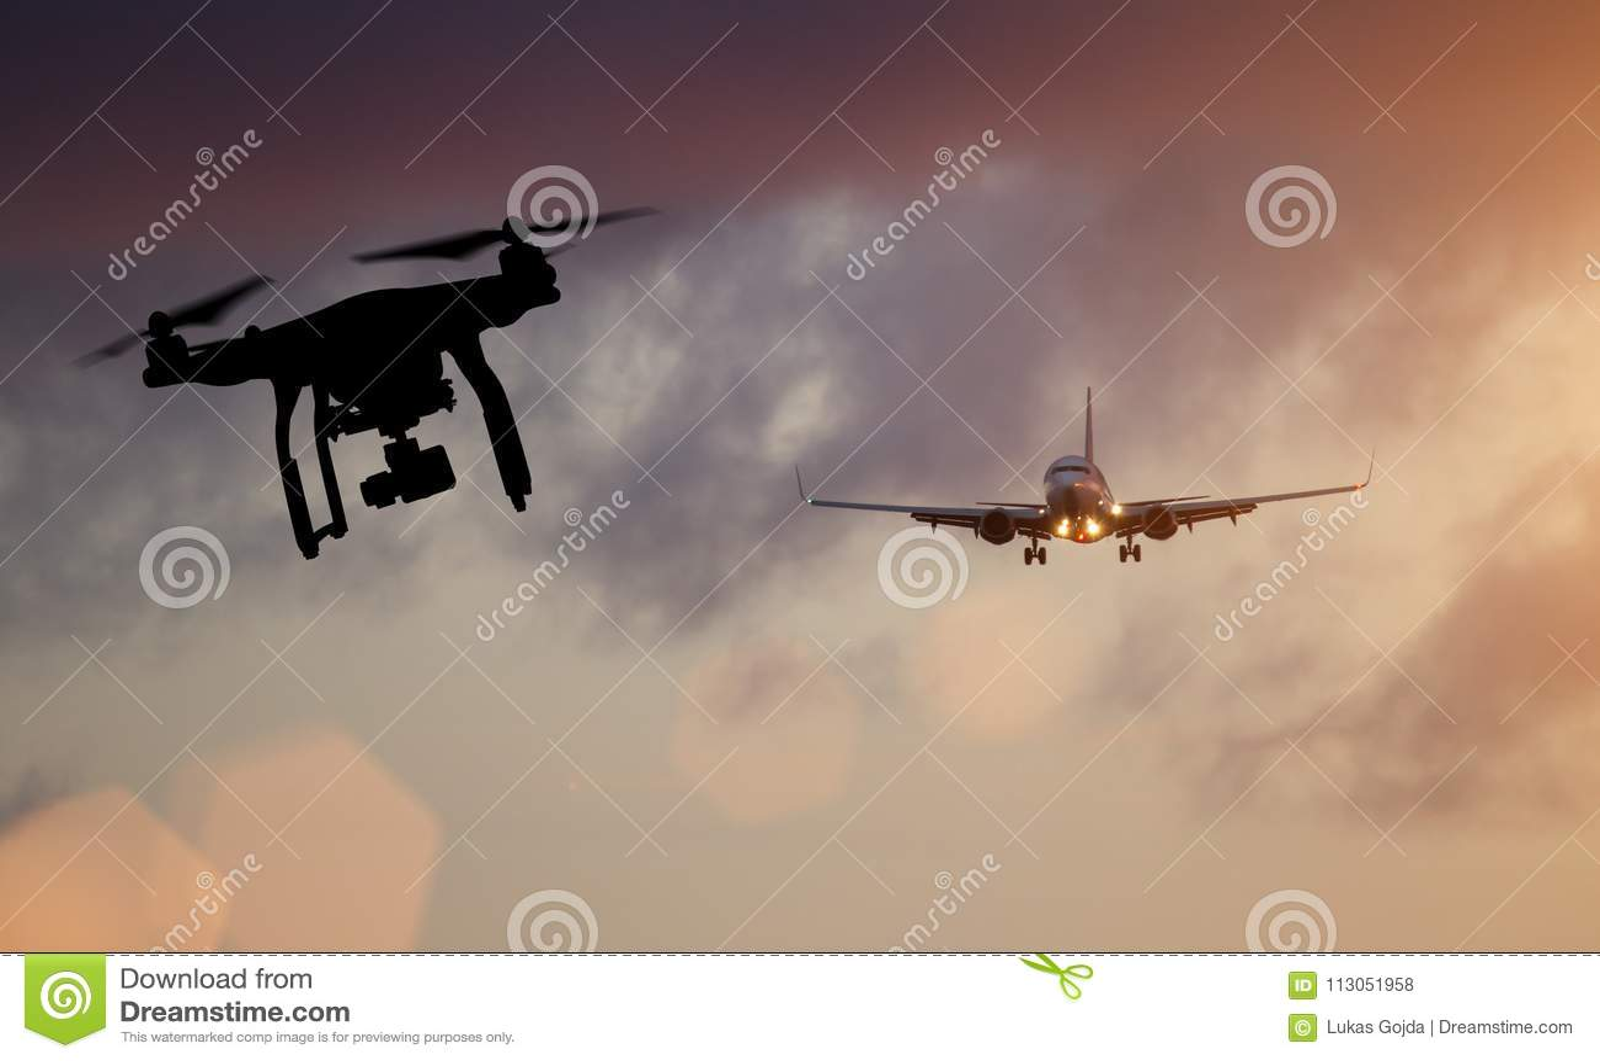 Commander modelisme drone et avis cadeau drone